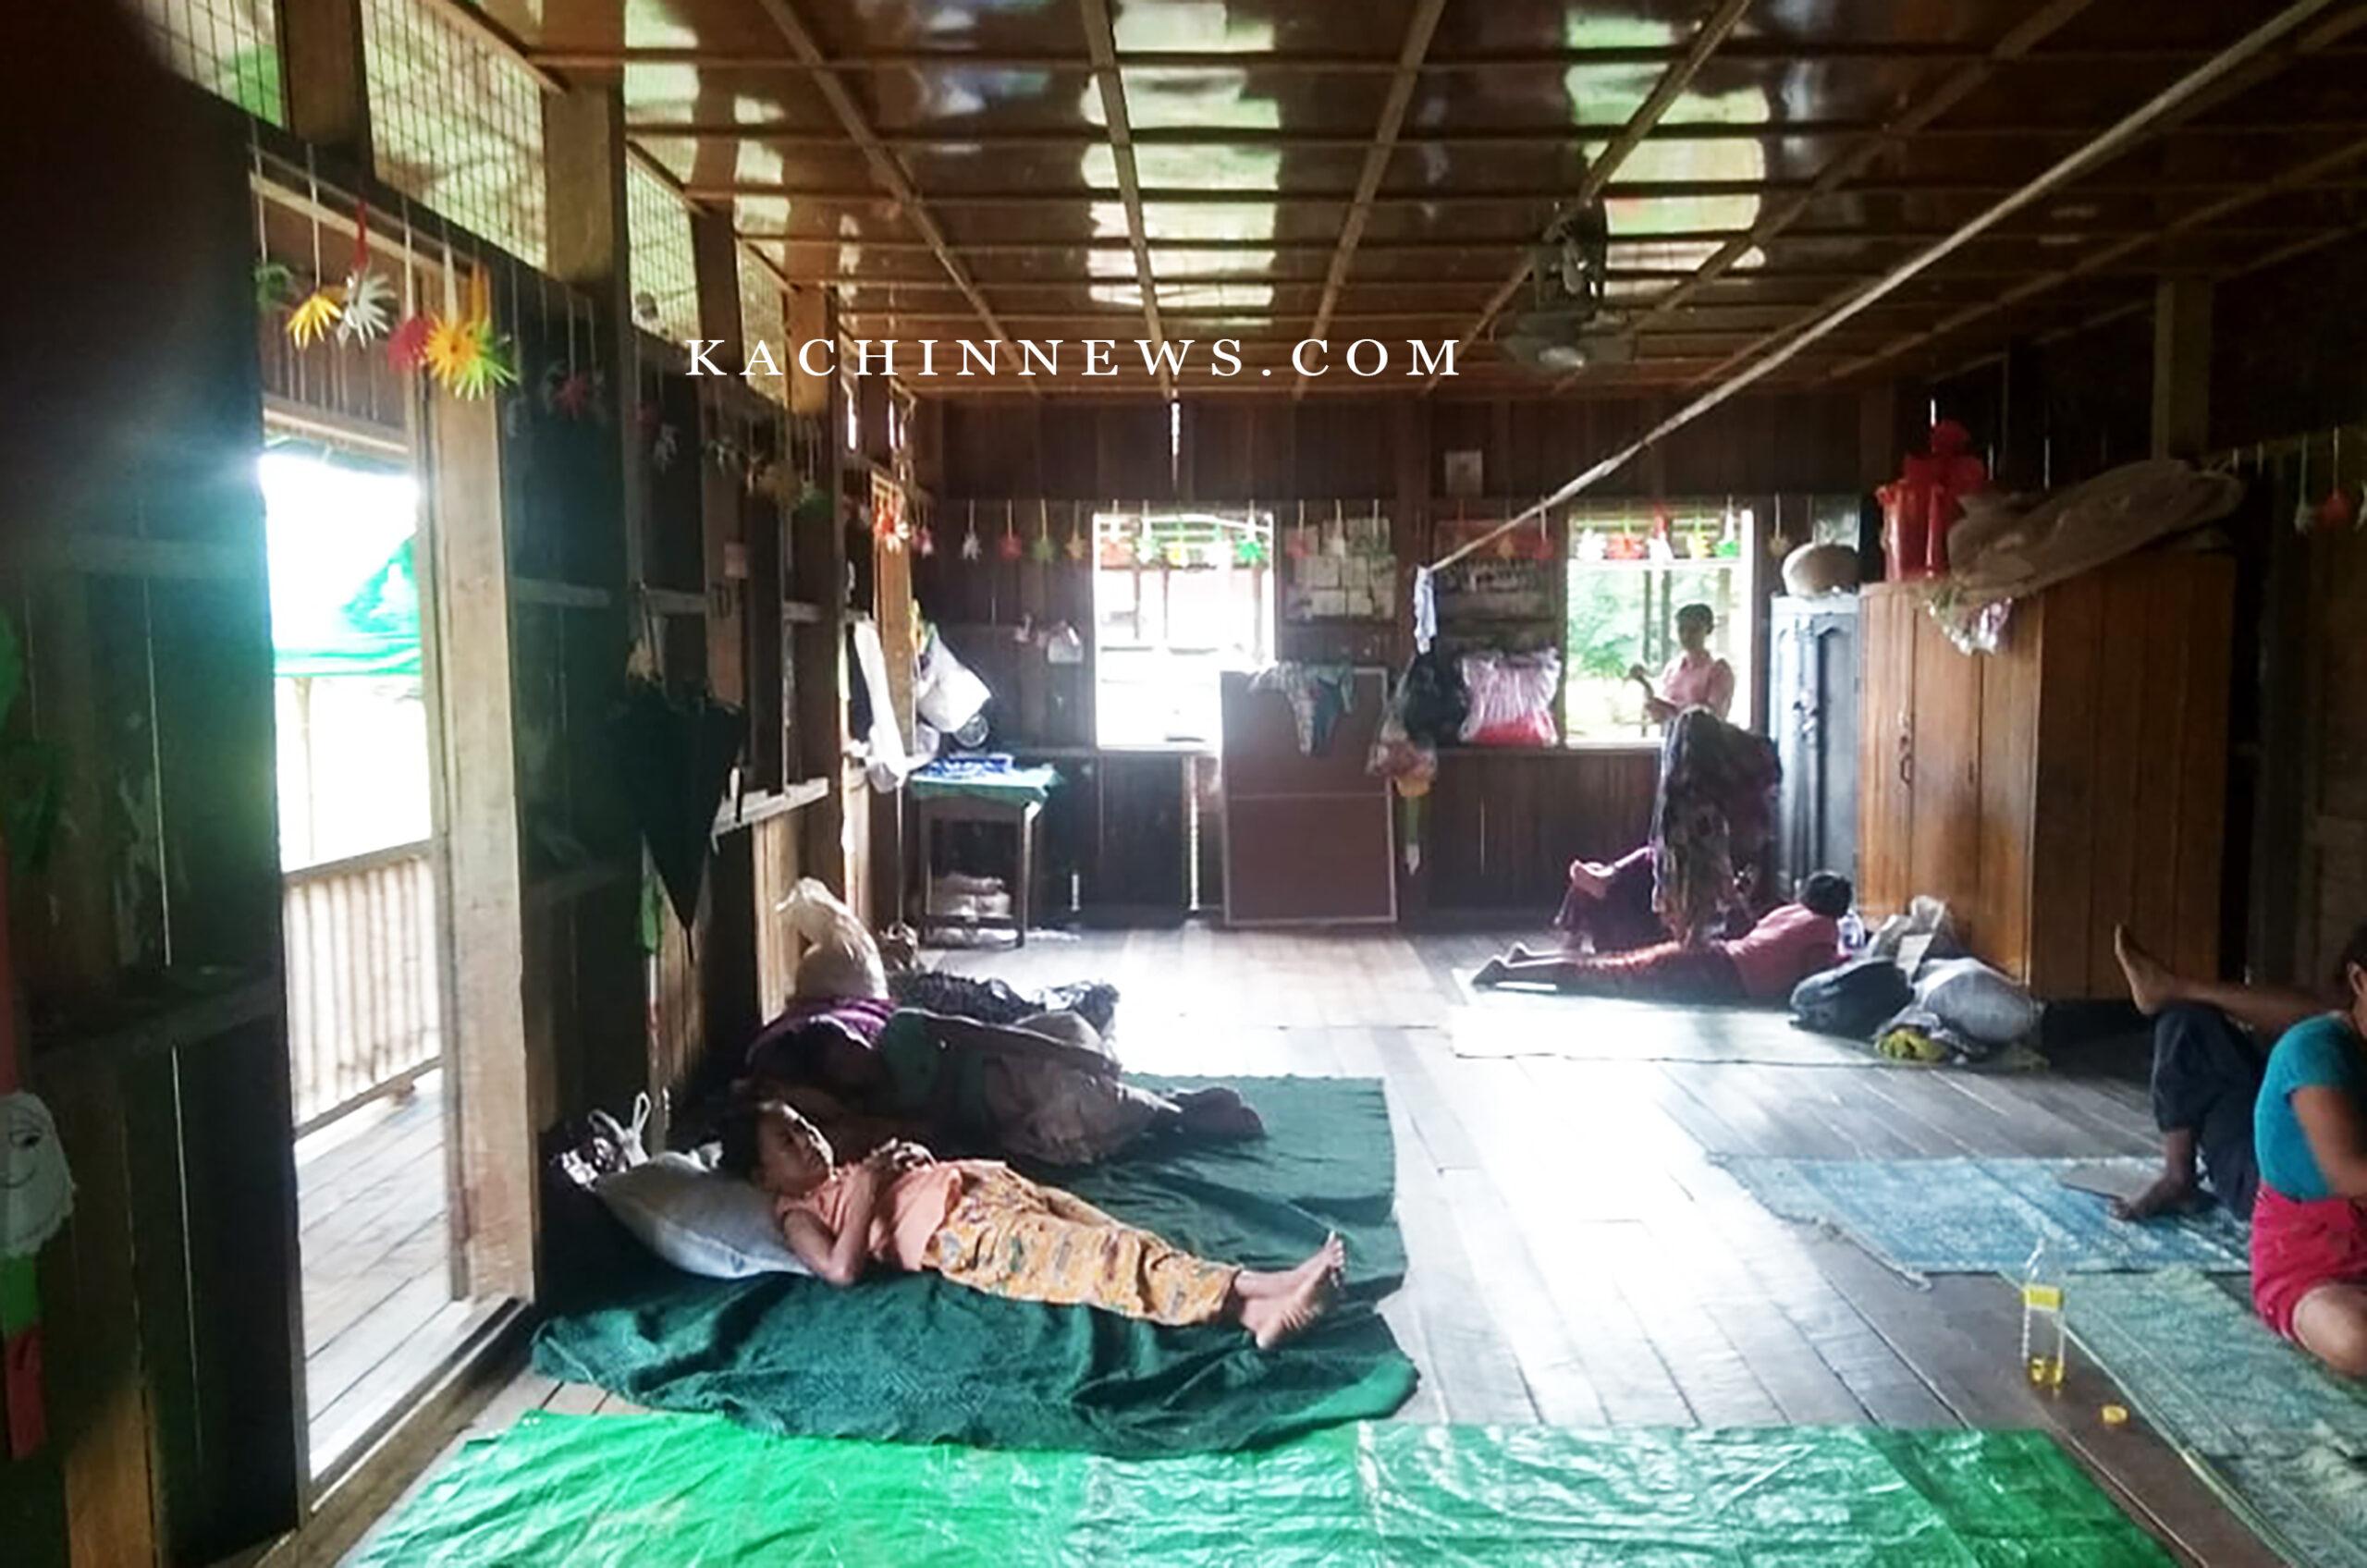 ဖားကန့် လမ်းတွင် အာဏာသိမ်းတပ်နှင့် KIA တိုက်ပွဲဖြစ်ပြီး ကျေးရွာ ၄ ခု ဒေသခံများ ထွက်ပြေးတိမ်ရှောင်နေရဆဲ